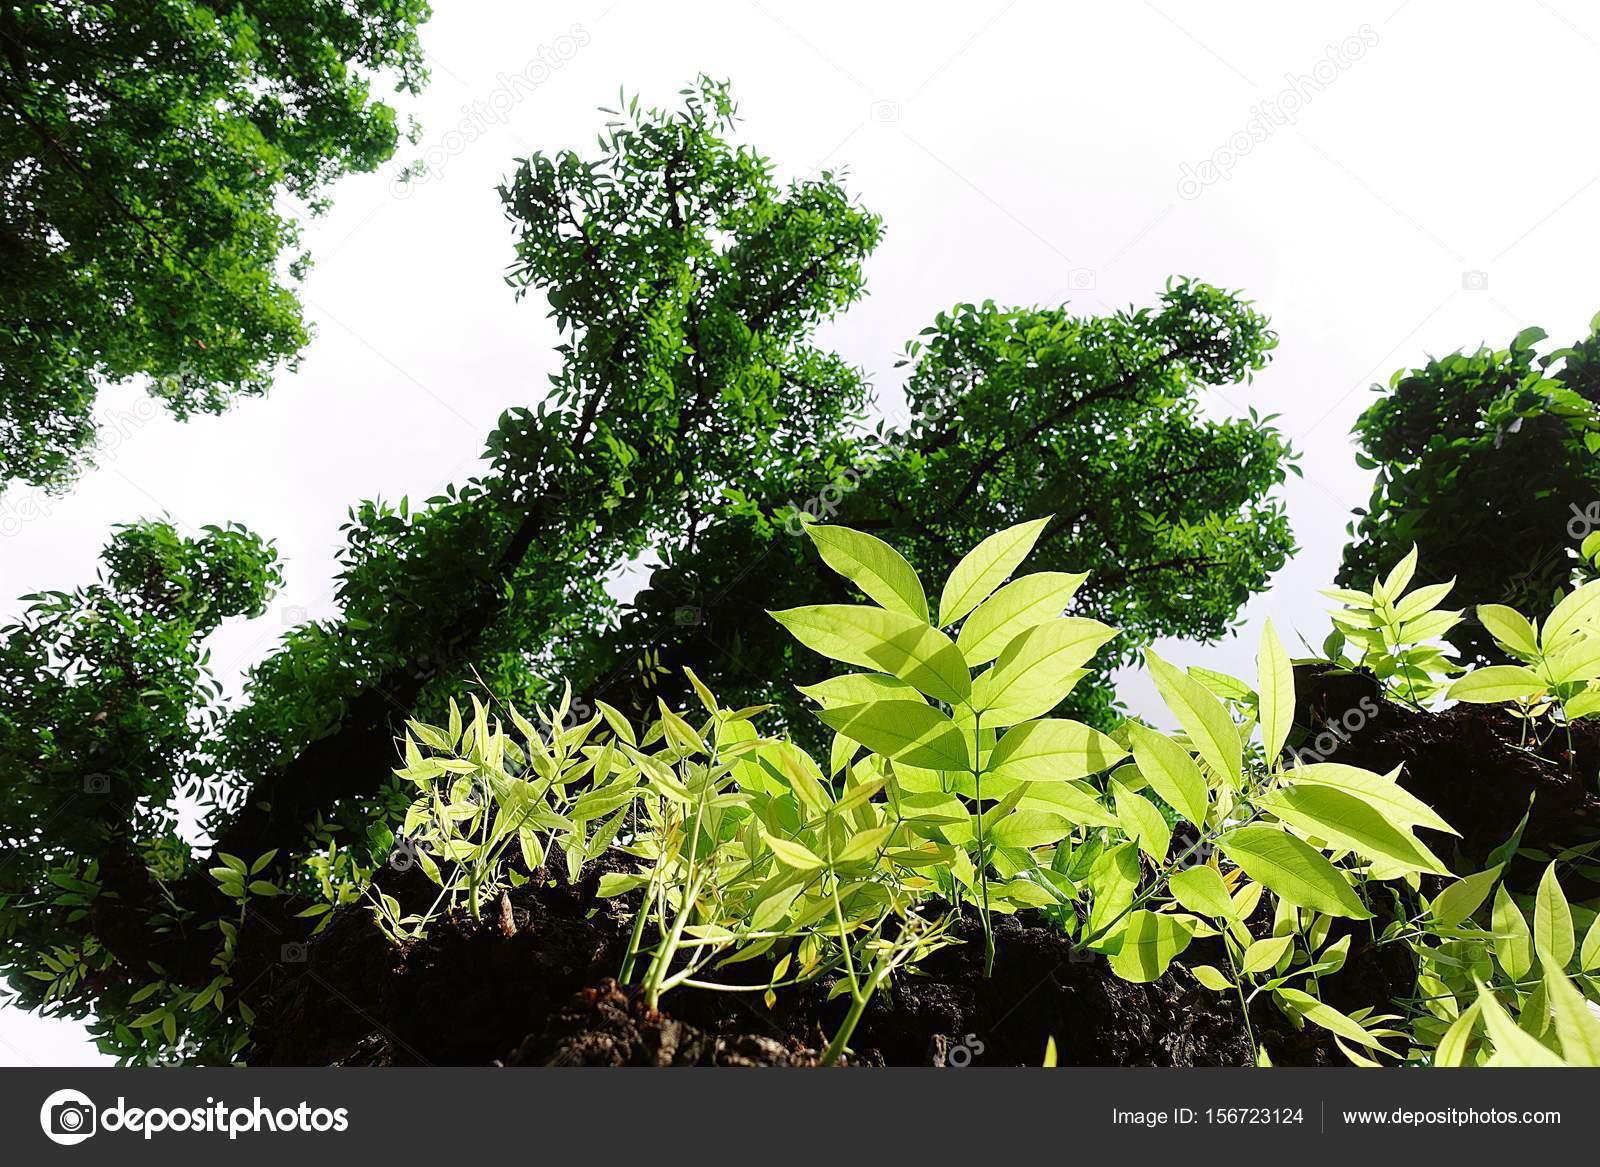 Mahagonibaum  Mahagoni-Baum Blatt grün Wald — Stockfoto © Mongpro #156723124